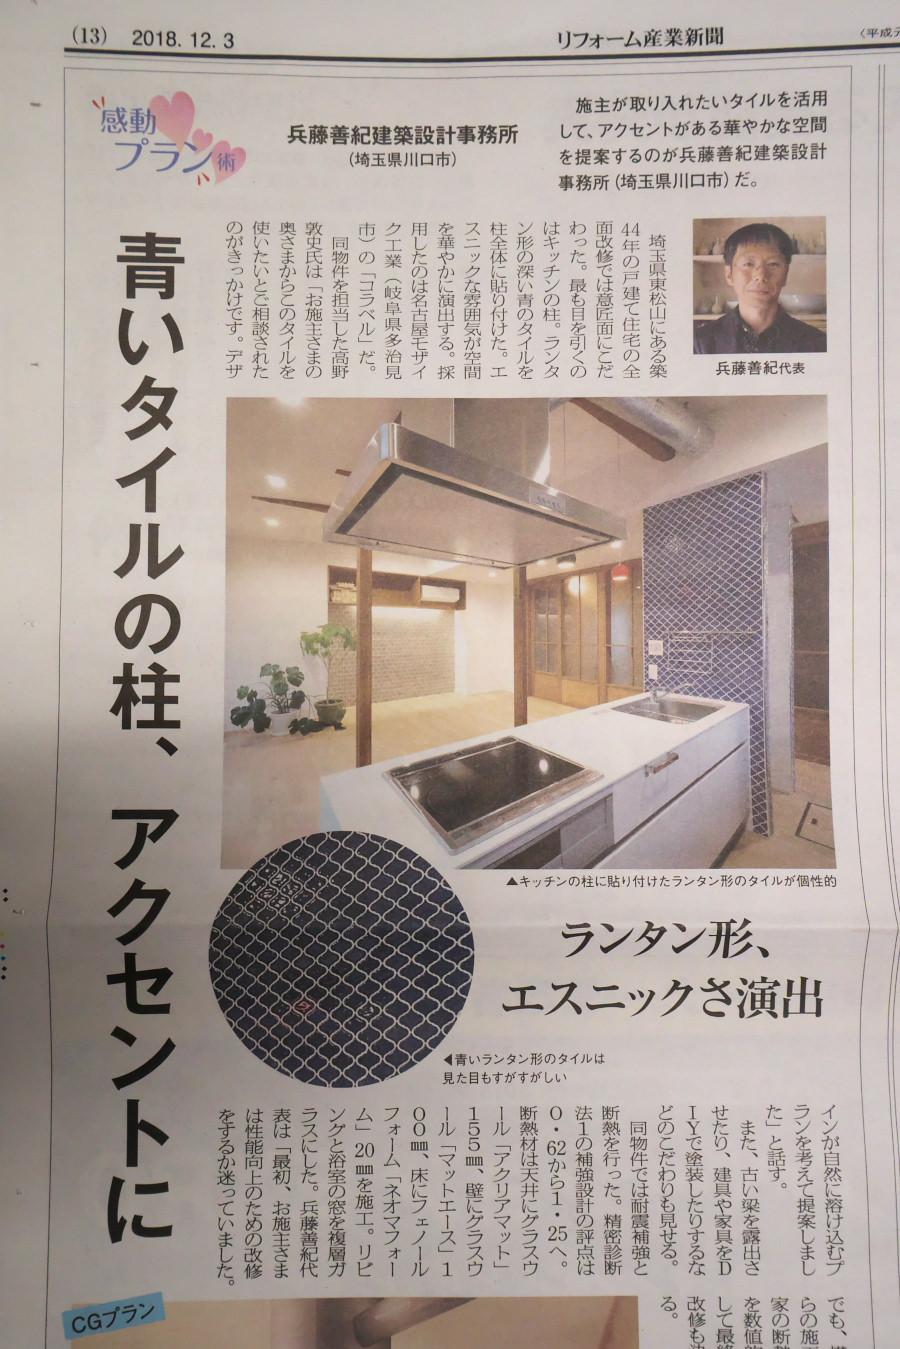 リフォーム産業新聞(12月3日付, 13p)